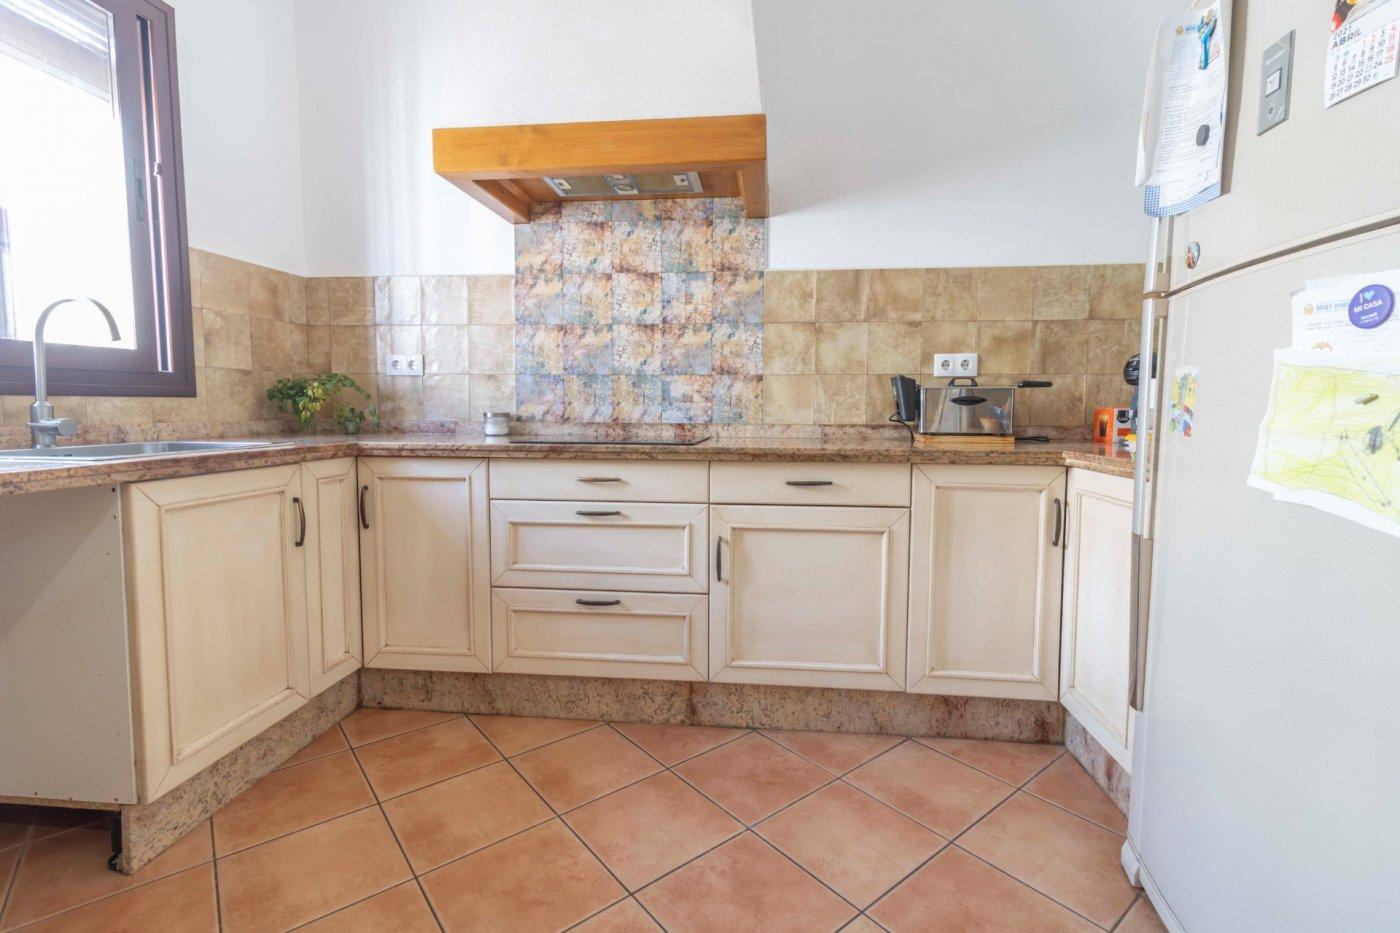 Casa de reciente construccion a la venta en carmona - imagenInmueble7